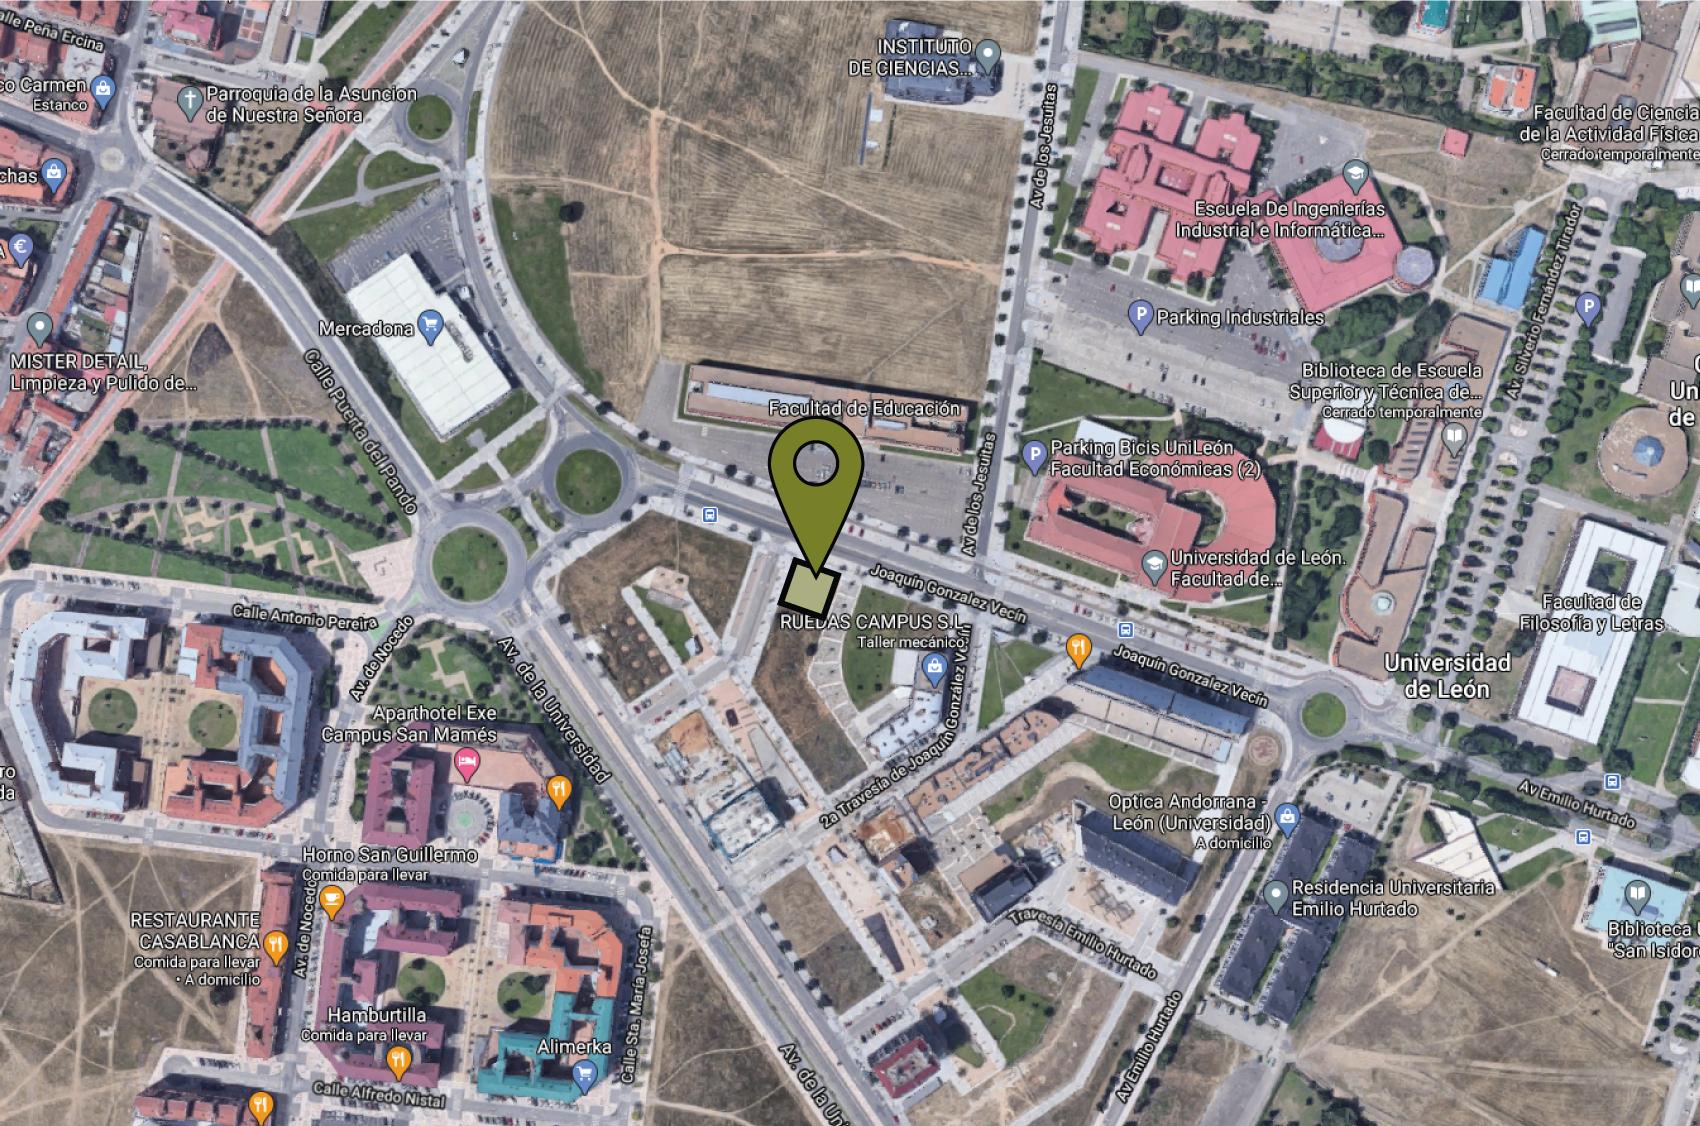 mapa promoción universidad, edificio passivhaus